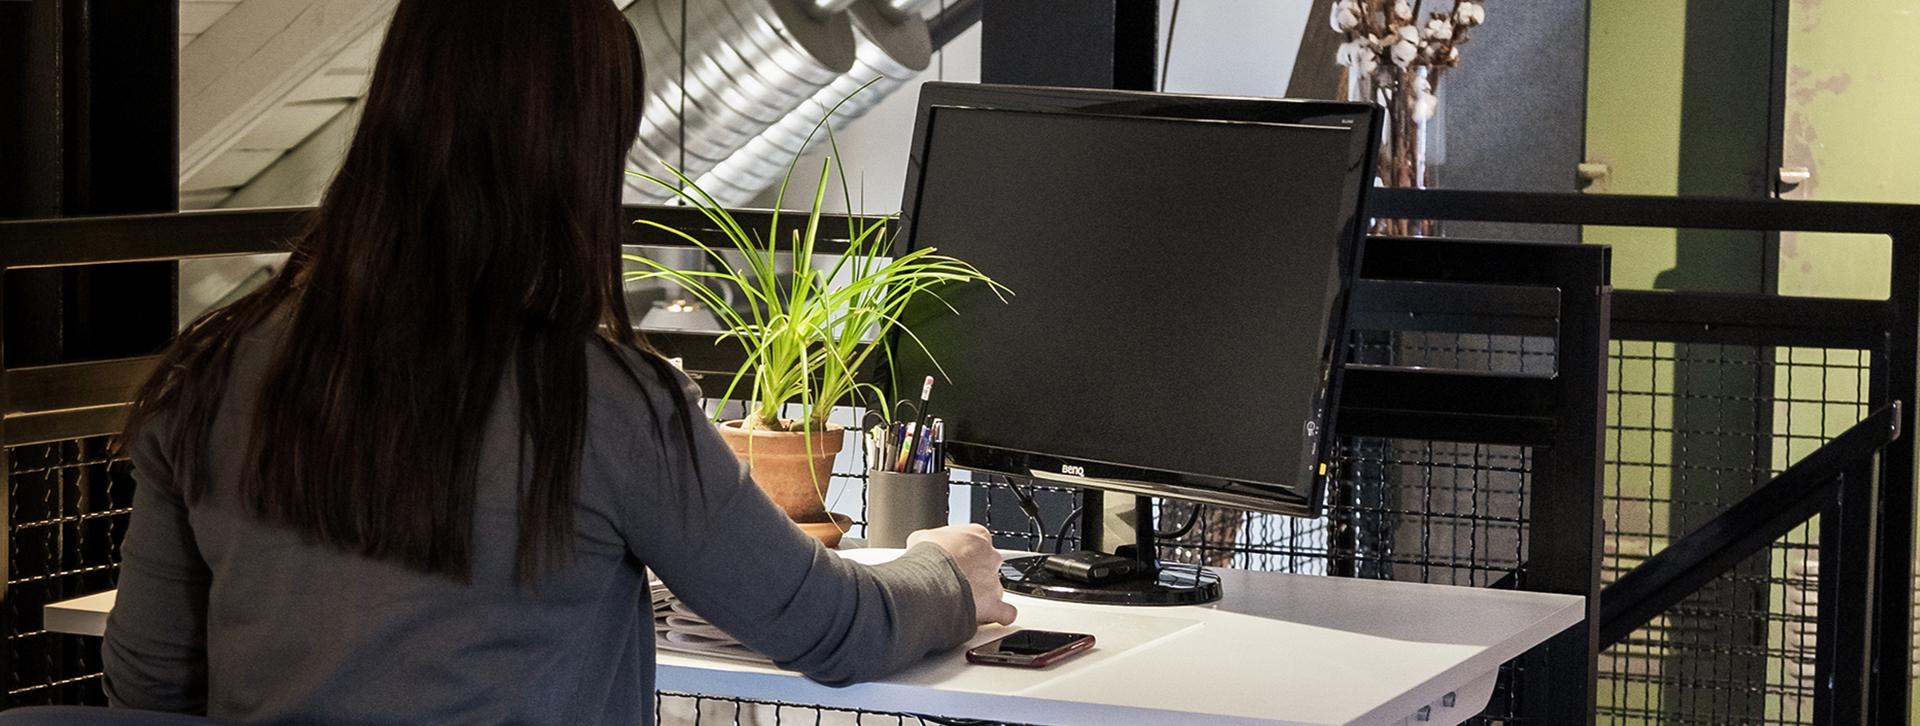 Att vara företagare - En kvinna sitter och arbetar vid en dator